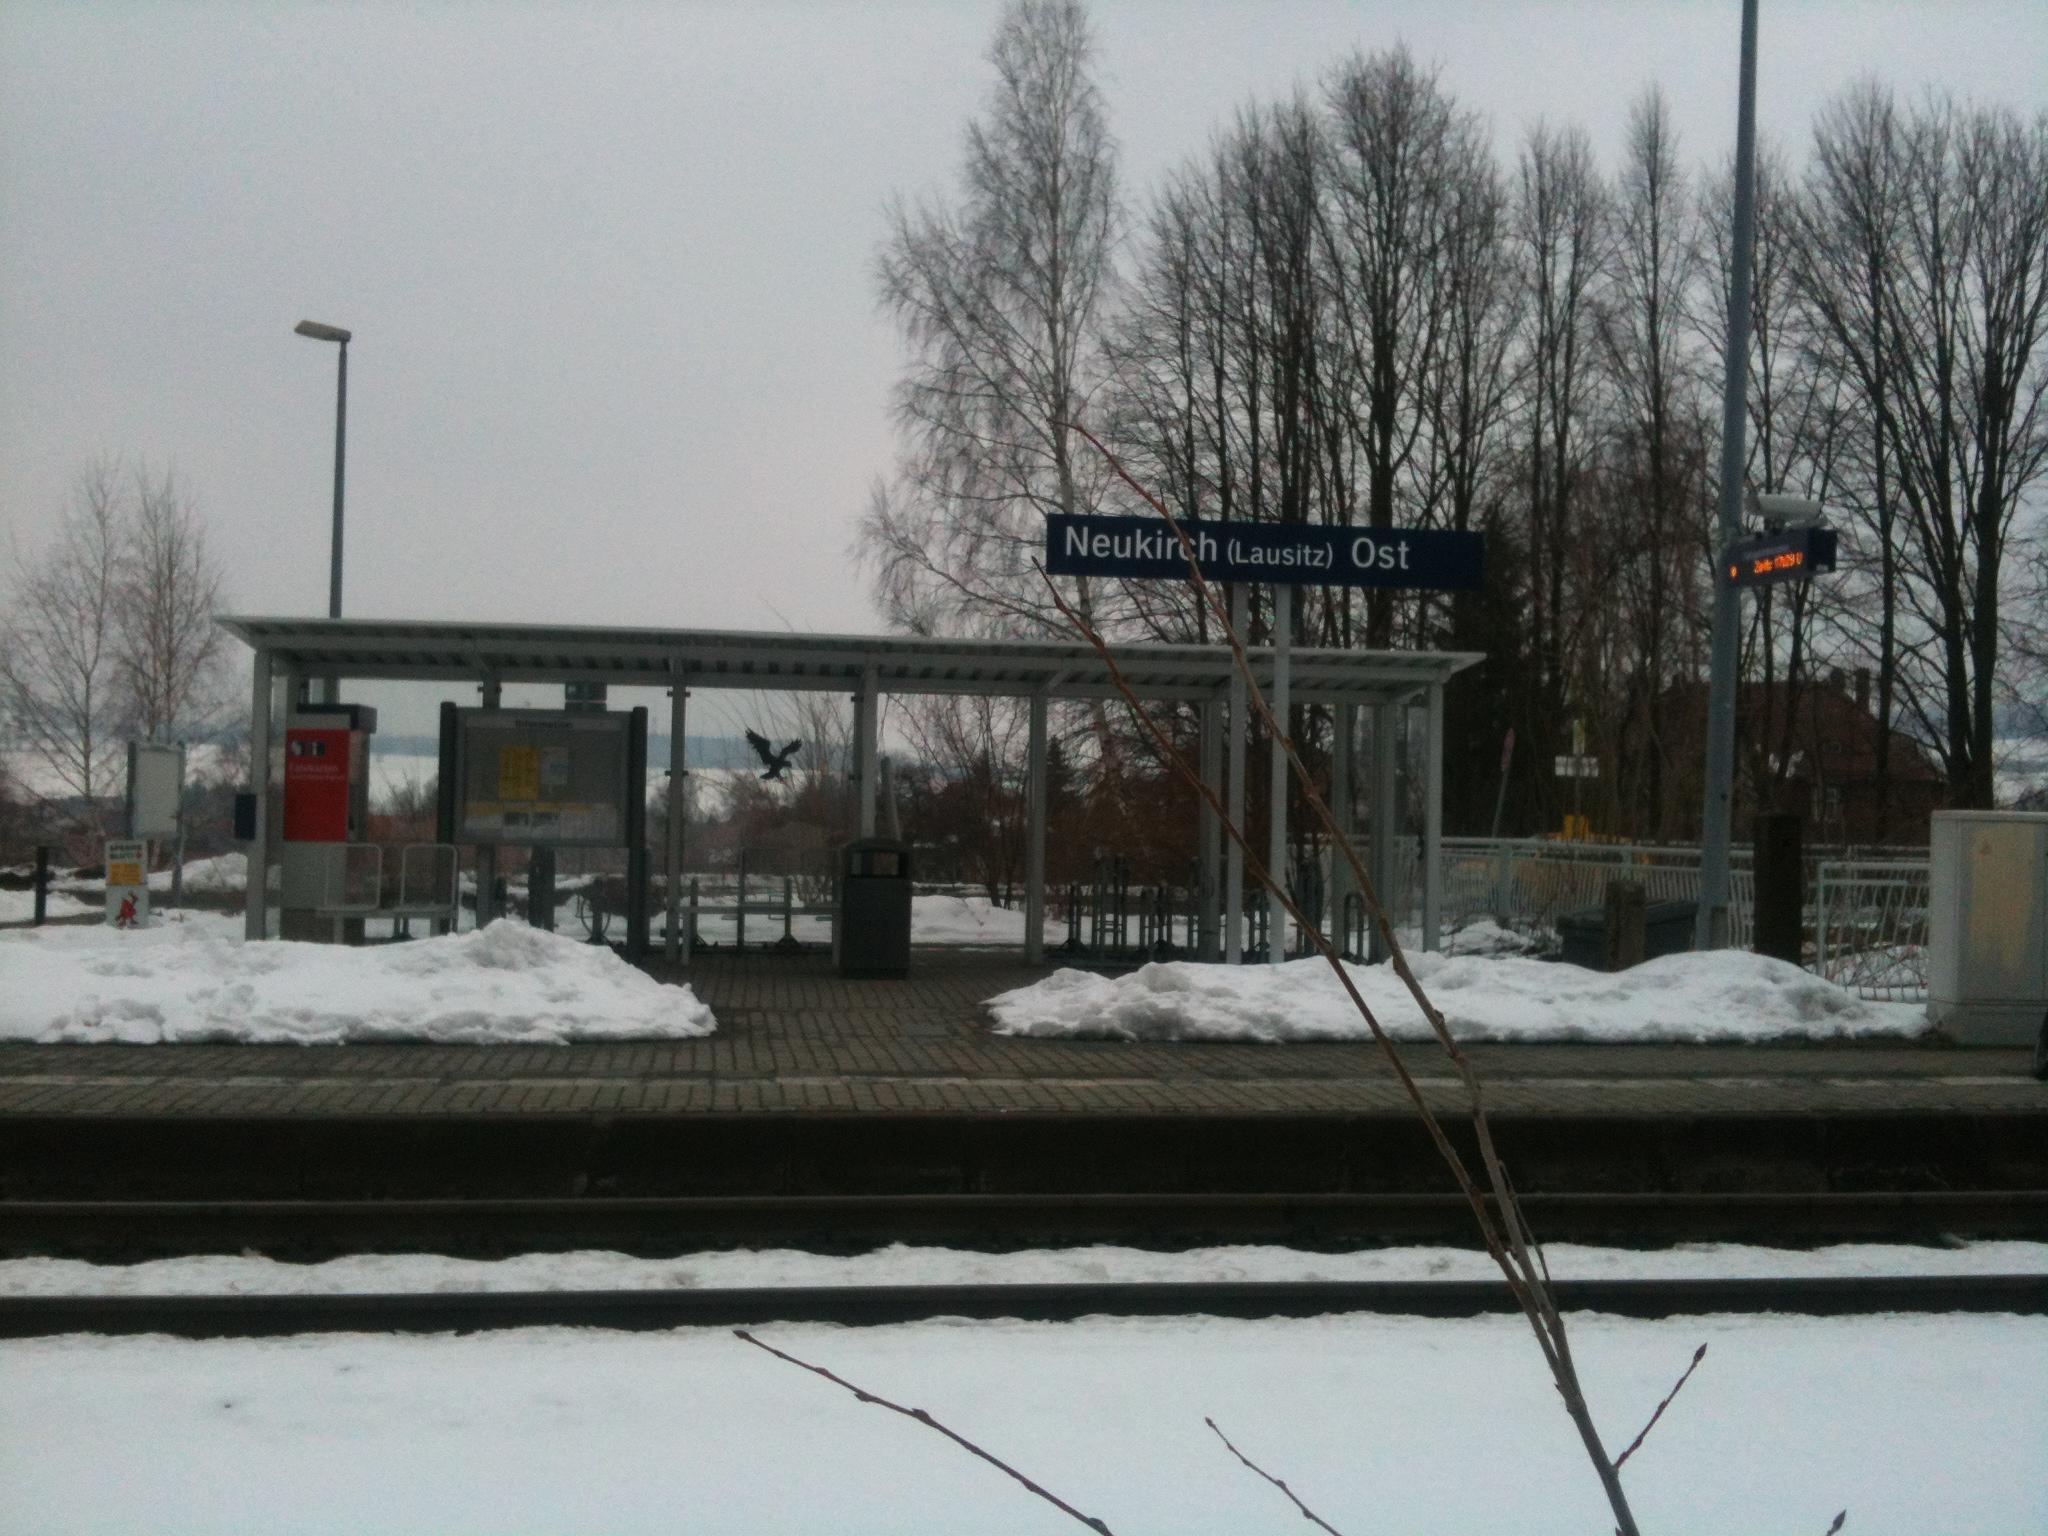 Neukirch/Lausitz